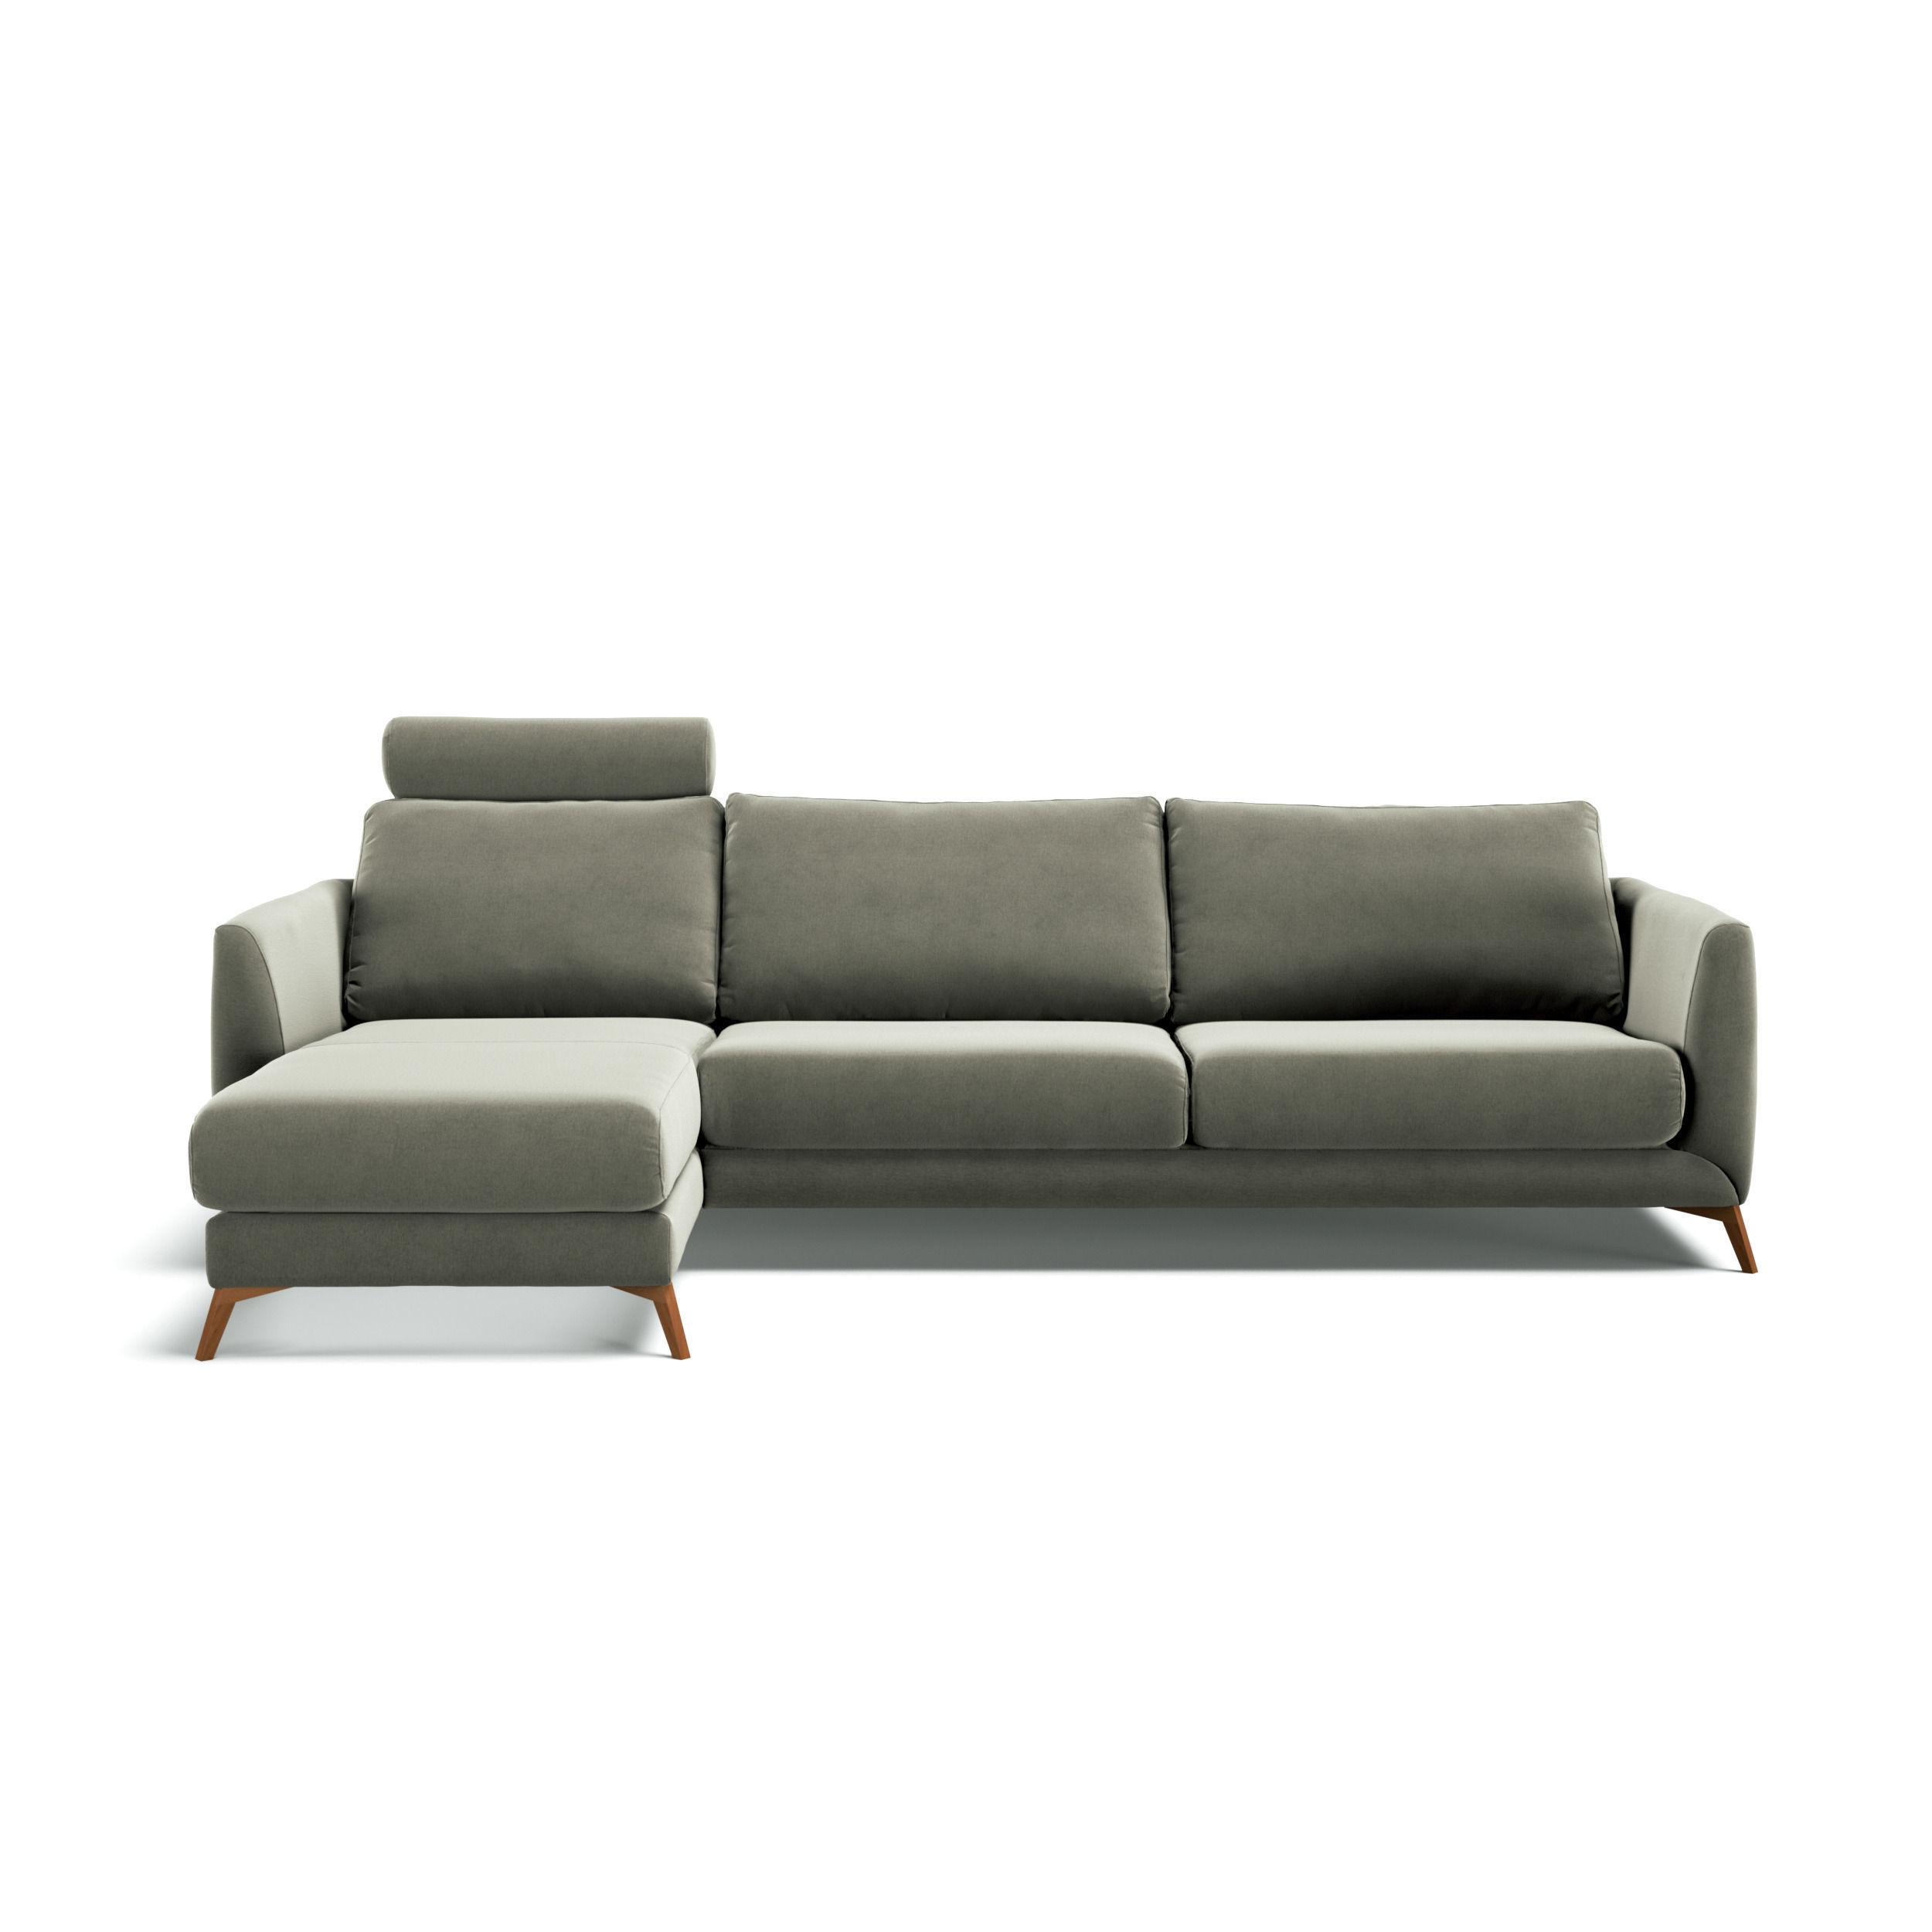 Boconcept fargo sofa 3d model max for Divan furniture models